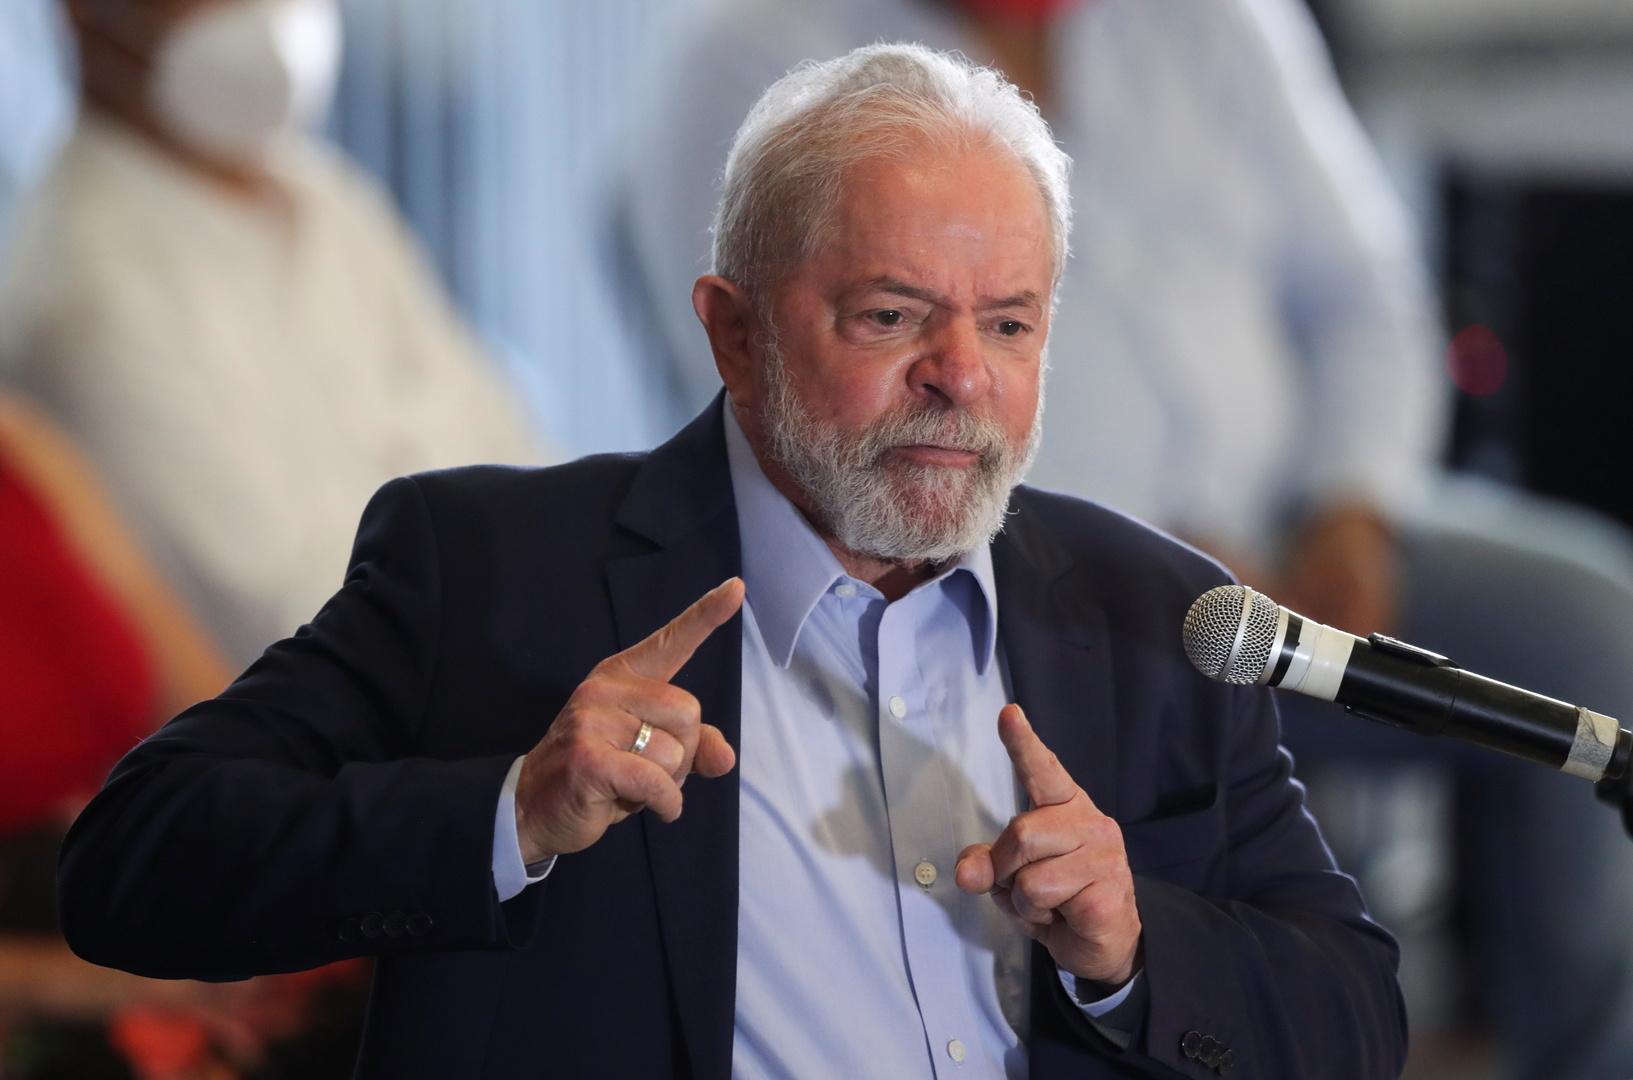 الرئيس البرازيلي السابق لويز إيناسيو لولا دا سيلفا